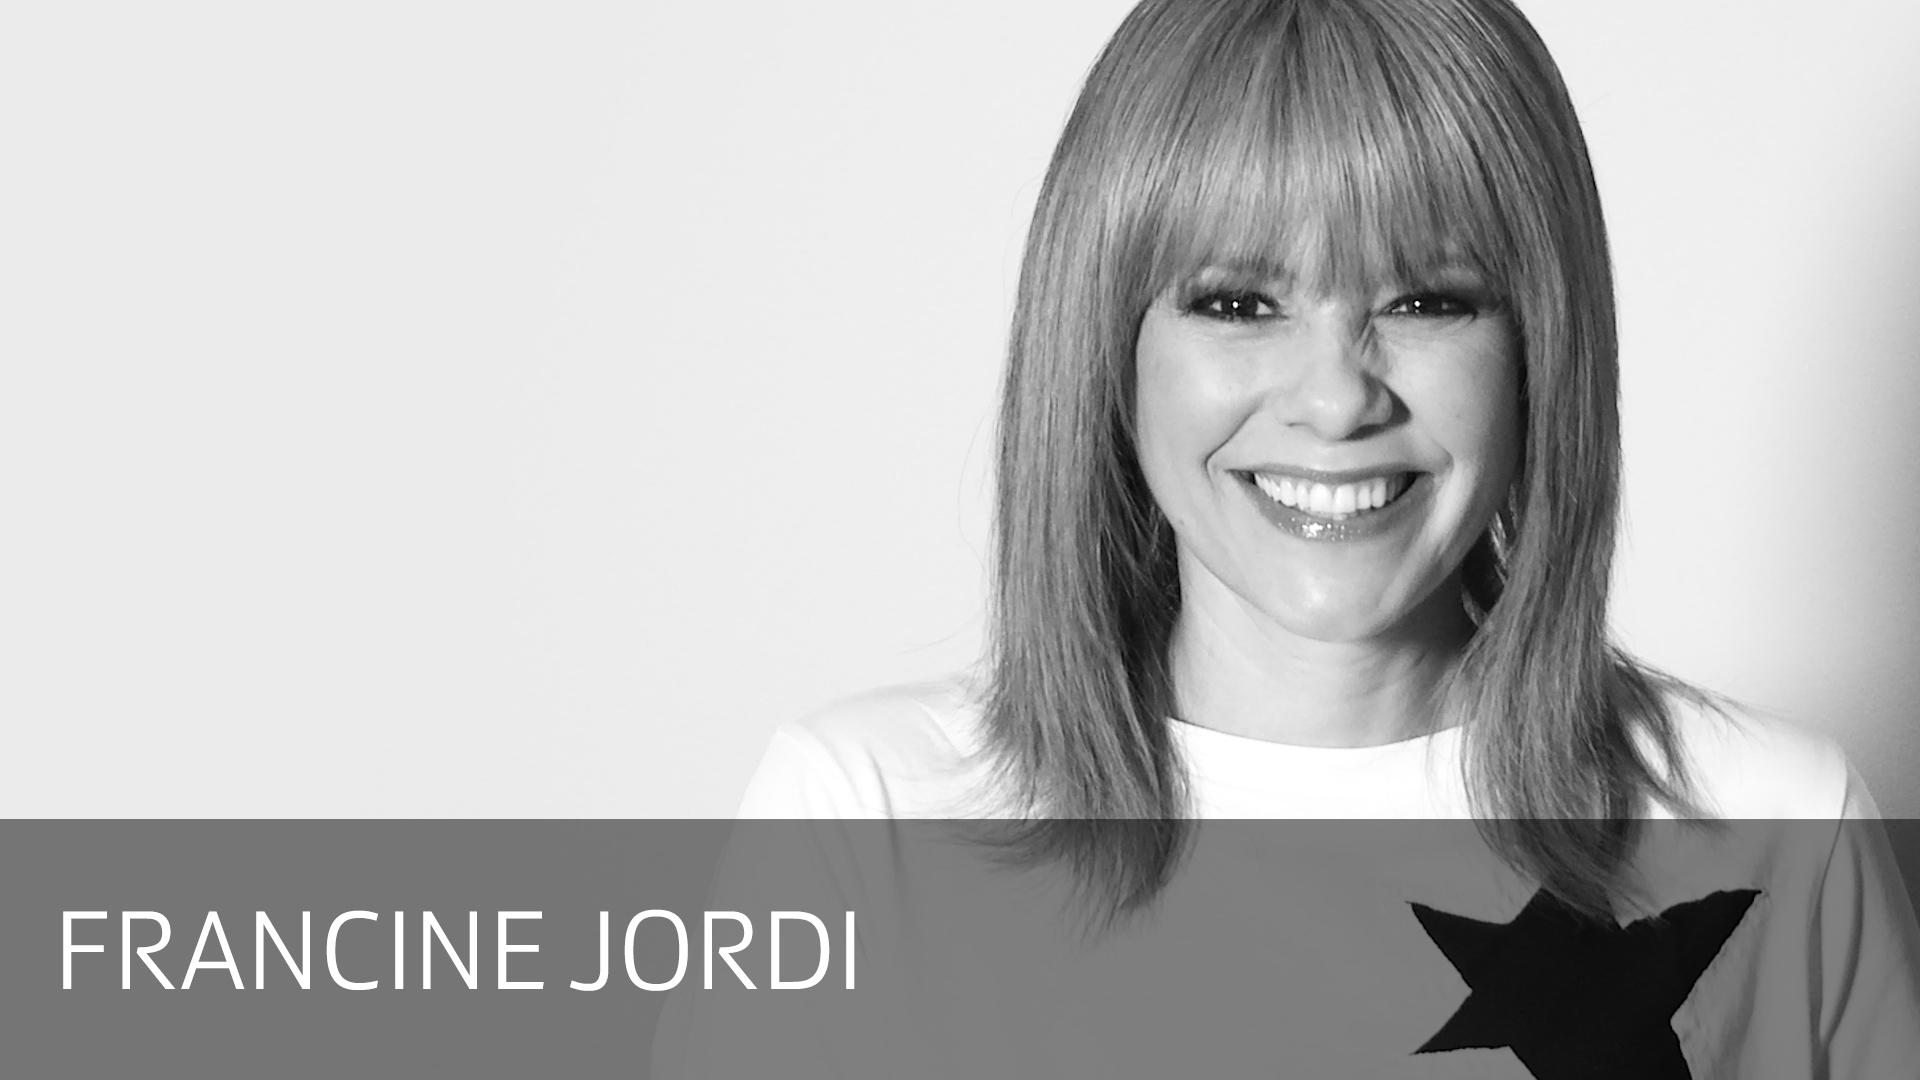 Francine Jordi: Was wärst du heute, wenn du nicht Musikerin geworden wärst?